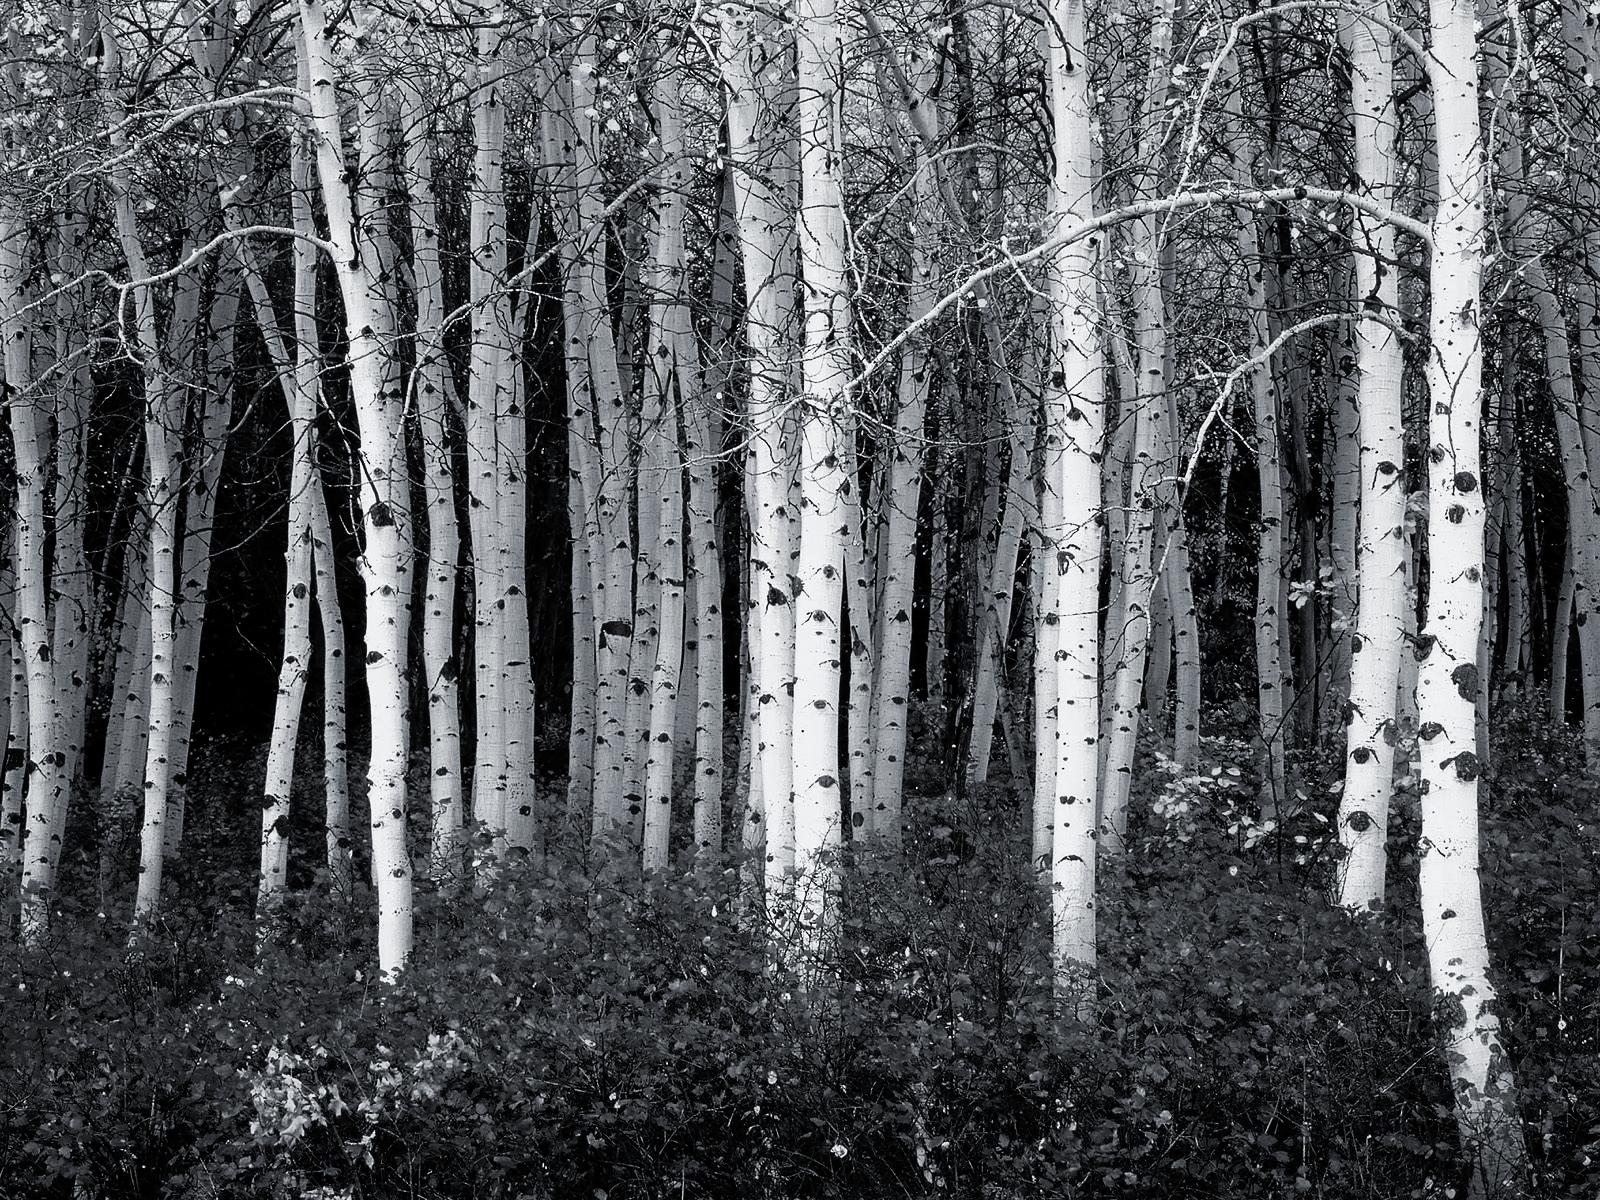 black and white aspen forest wallpaper corporate socialist glenn 1600x1200